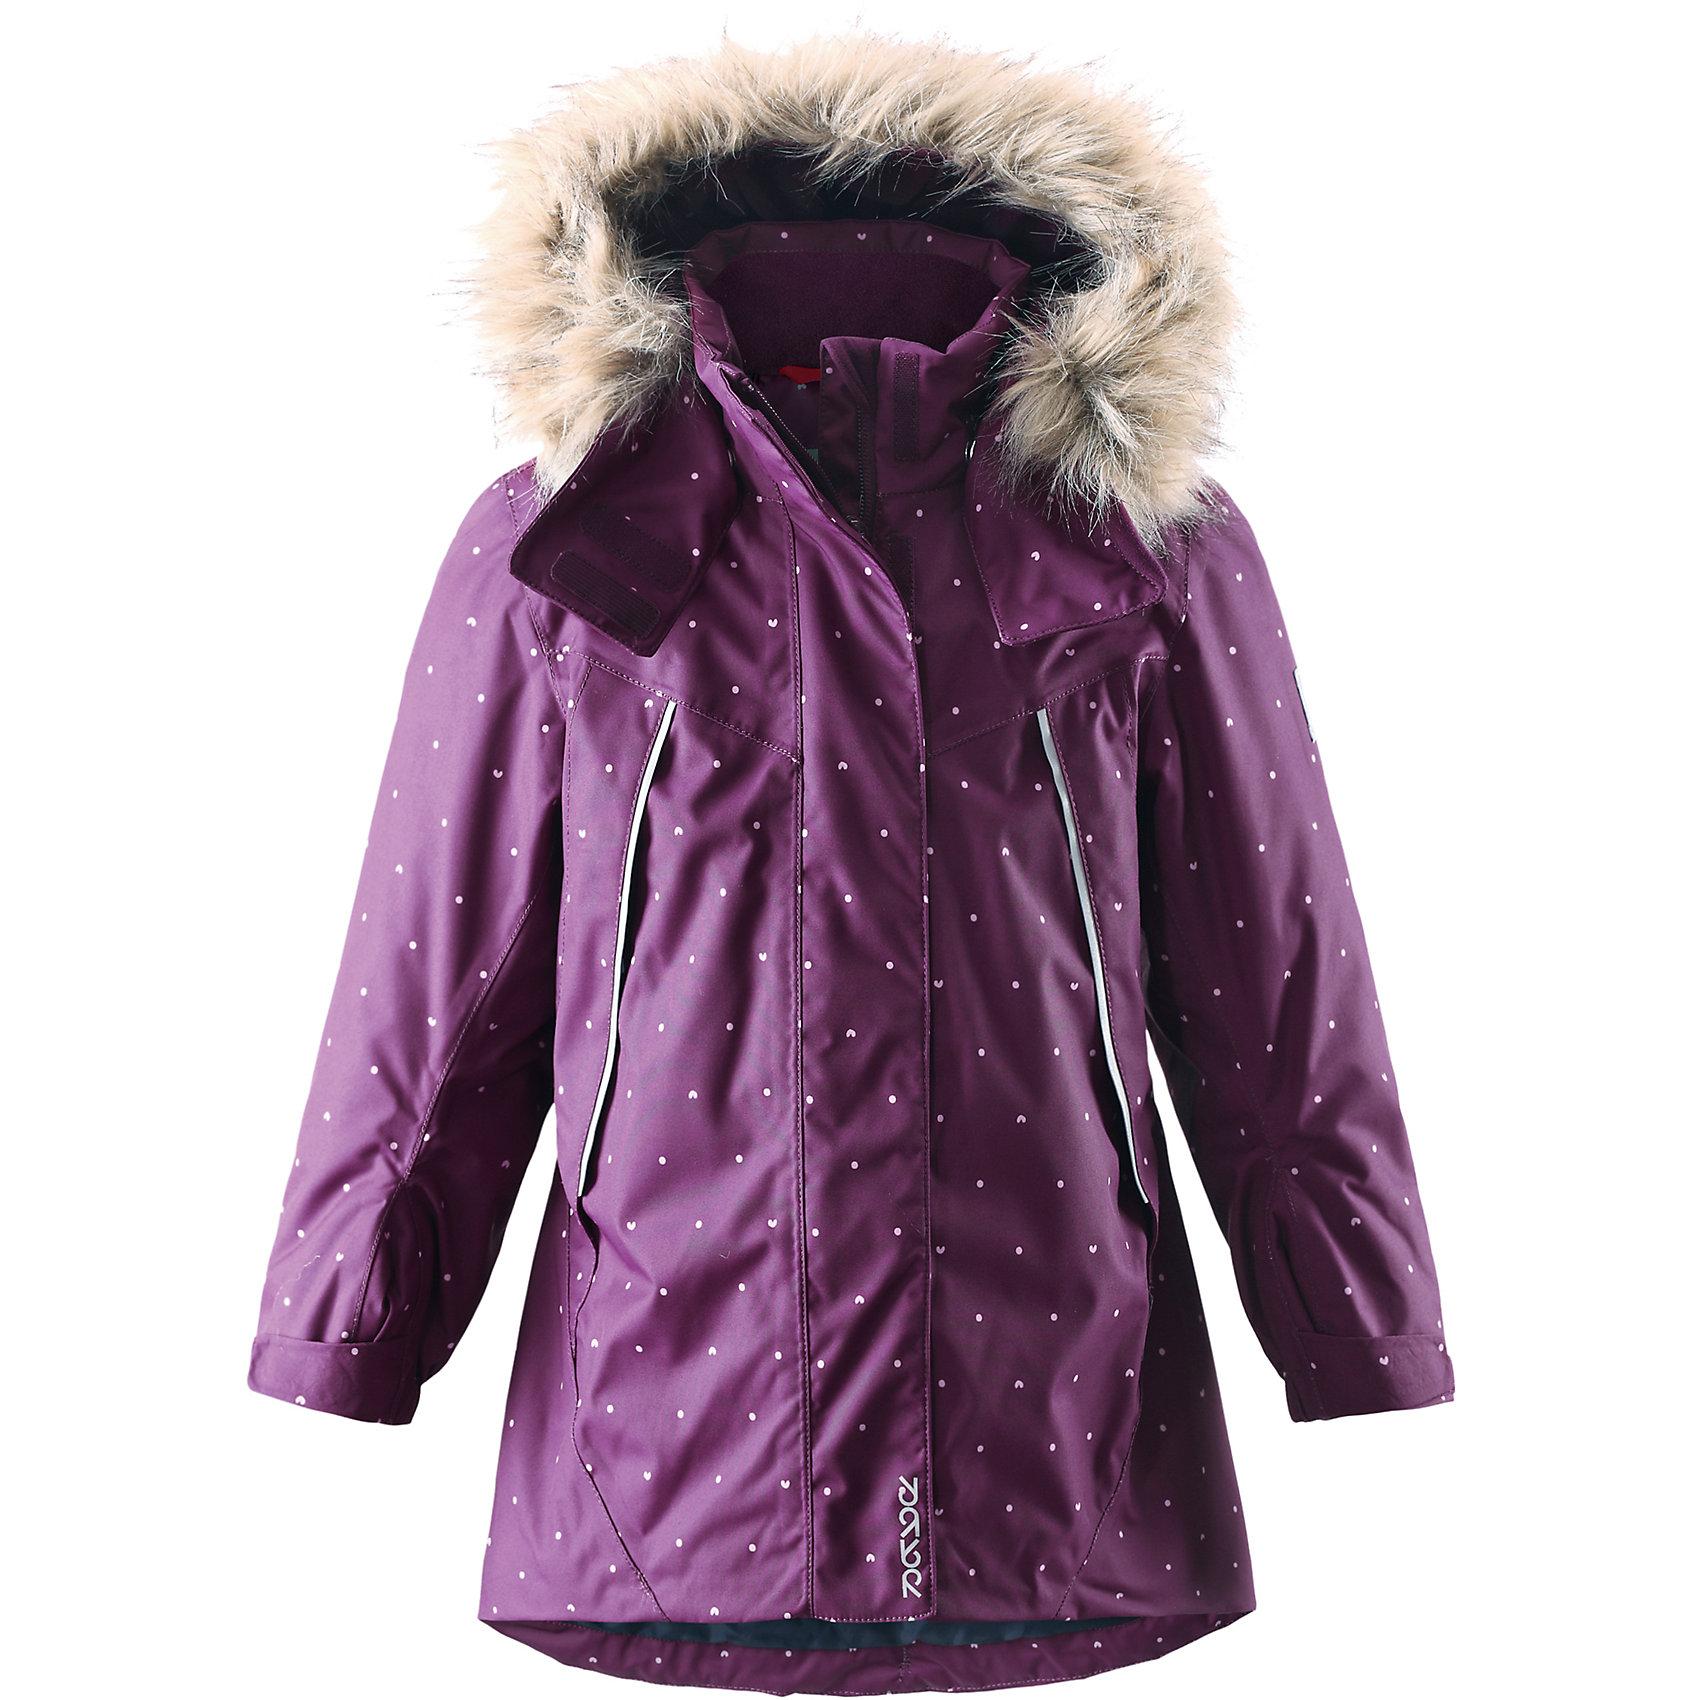 Куртка Muhvi для девочки Reimatec® ReimaОдежда<br>Куртка для девочки Reimatec® Reima<br>Зимняя куртка для детей. Все швы проклеены и водонепроницаемы. Водо- и ветронепроницаемый, «дышащий» и грязеотталкивающий материал. Крой для девочек. Гладкая подкладка из полиэстра. Безопасный отстегивающийся и регулируемый капюшон с отсоединяемой меховой каймой из искусственного меха. Регулируемый манжет на липучке. Эластичный пояс сзади. Удлиненный подол сзади. Регулируемый подол. Внутренний нагрудный карман. Два кармана на молнии. Принт по всей поверхности. Безопасные светоотражающие детали.<br>Утеплитель: Reima® Soft Loft insulation,160 g<br>Уход:<br>Стирать по отдельности, вывернув наизнанку. Перед стиркой отстегните искусственный мех. Застегнуть молнии и липучки. Стирать моющим средством, не содержащим отбеливающие вещества. Полоскать без специального средства. Во избежание изменения цвета изделие необходимо вынуть из стиральной машинки незамедлительно после окончания программы стирки. Можно сушить в сушильном шкафу или центрифуге (макс. 40° C).<br>Состав:<br>100% Полиамид, полиуретановое покрытие<br><br>Ширина мм: 356<br>Глубина мм: 10<br>Высота мм: 245<br>Вес г: 519<br>Цвет: лиловый<br>Возраст от месяцев: 24<br>Возраст до месяцев: 36<br>Пол: Женский<br>Возраст: Детский<br>Размер: 98,134,104,110,140,92,128,116,122<br>SKU: 4777936